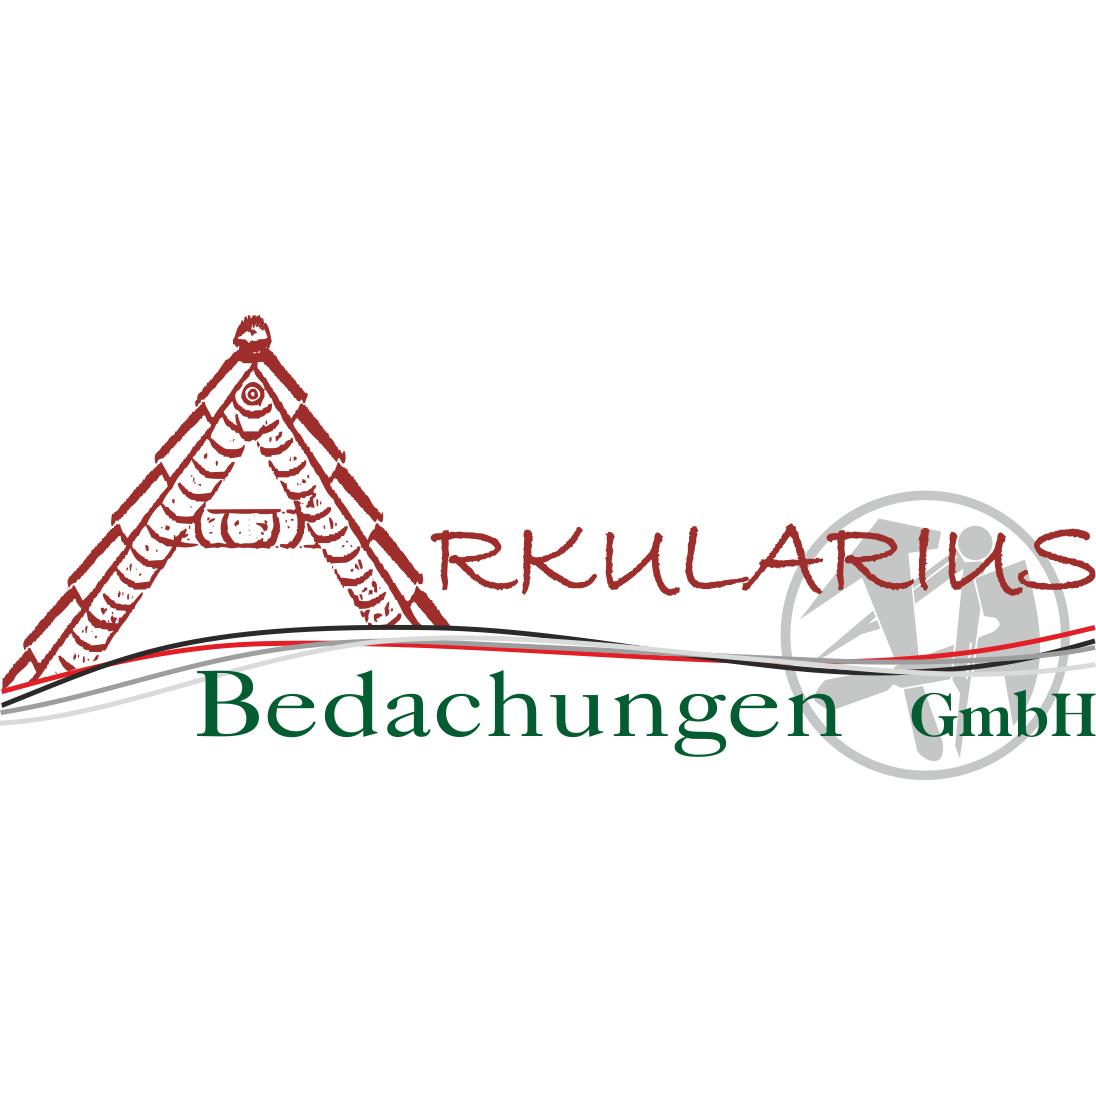 Bild zu Arkularius Bedachungen GmbH in Merenberg